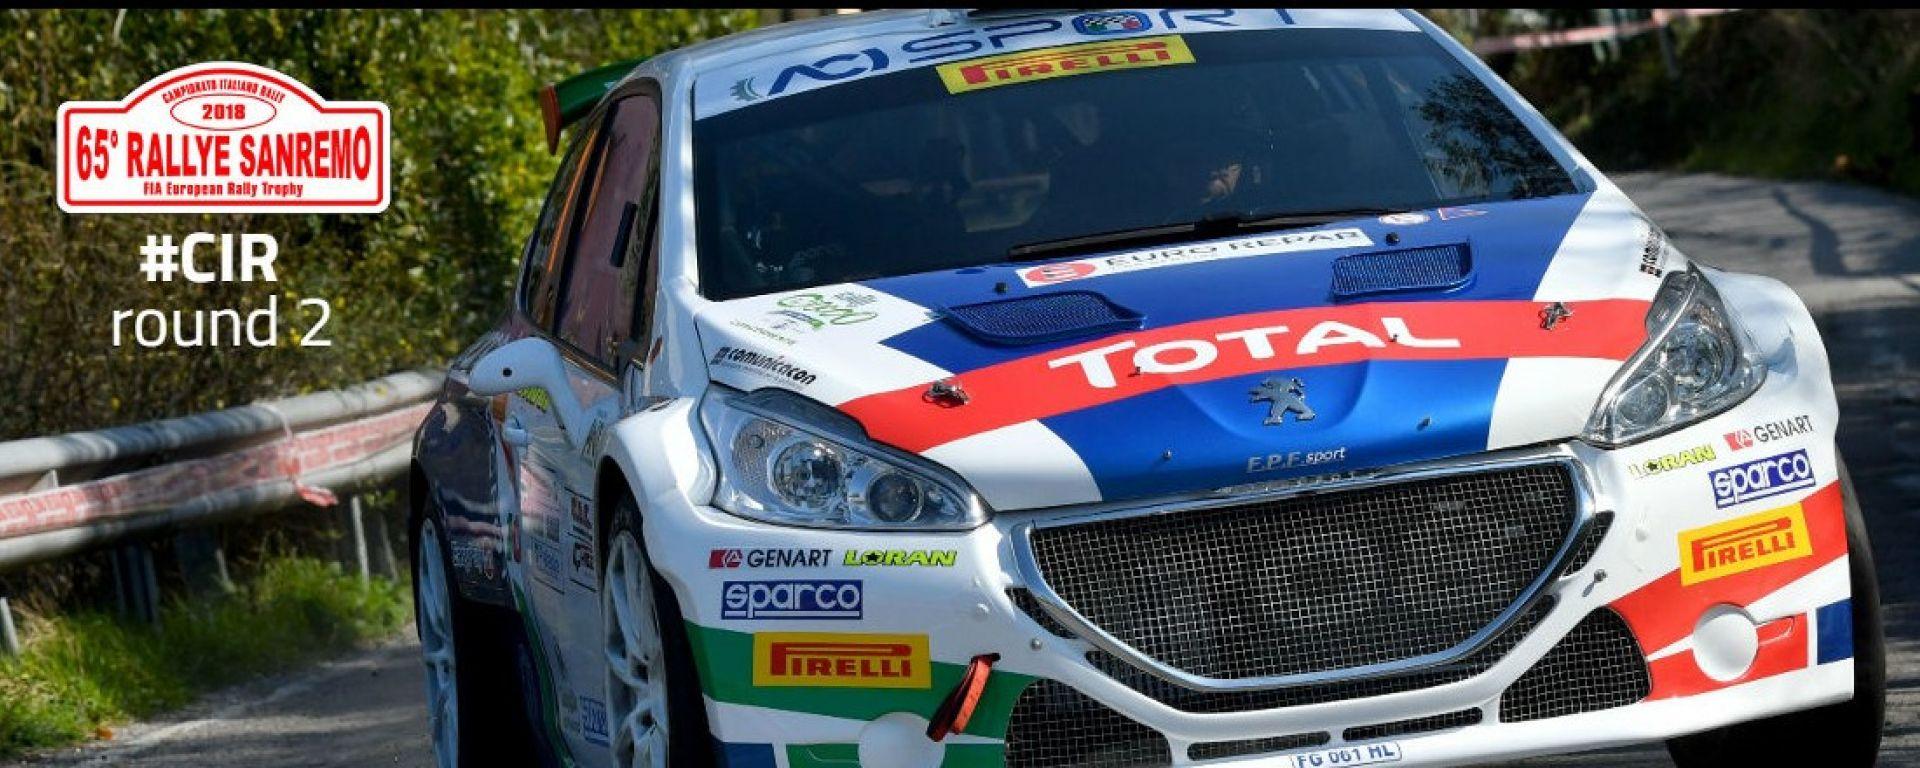 CIR Rally Sanremo 2018, tutte le info: orari e risultati prove speciali